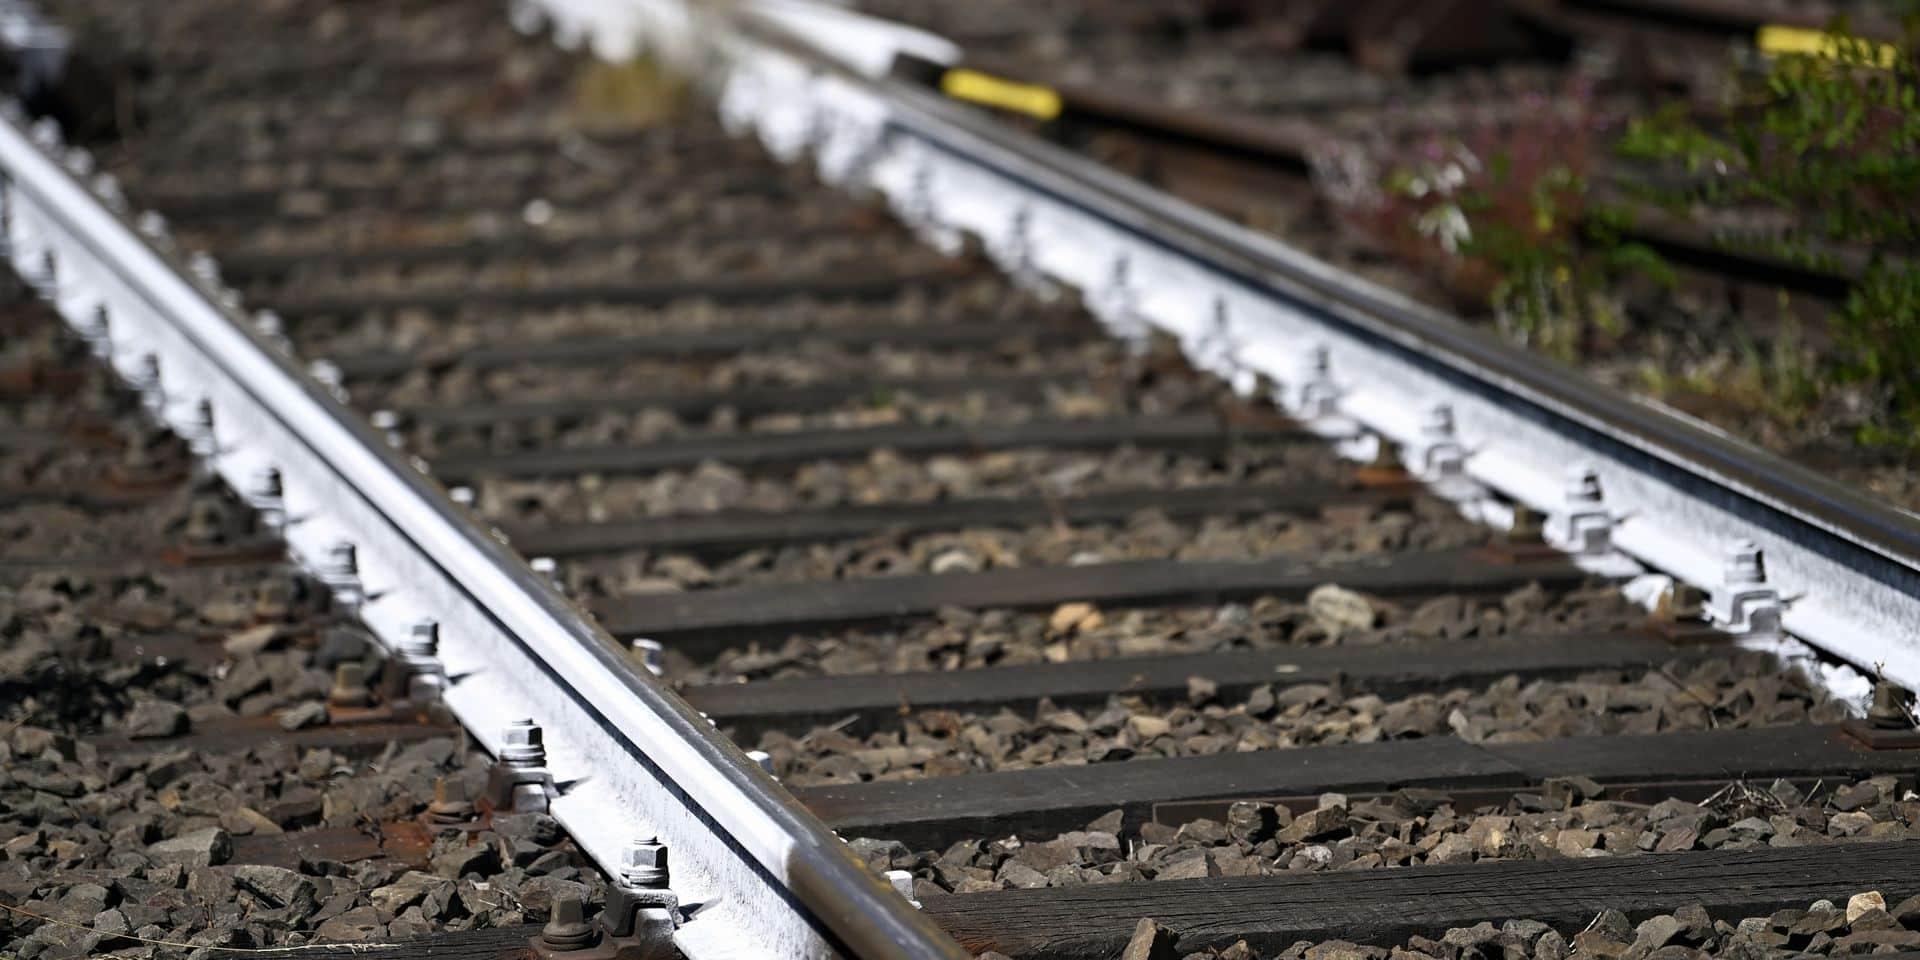 Les coûts relatifs aux sillons sont les coûts payés au gestionnaire de l'infrastructure national pour l'utilisation de la voie.